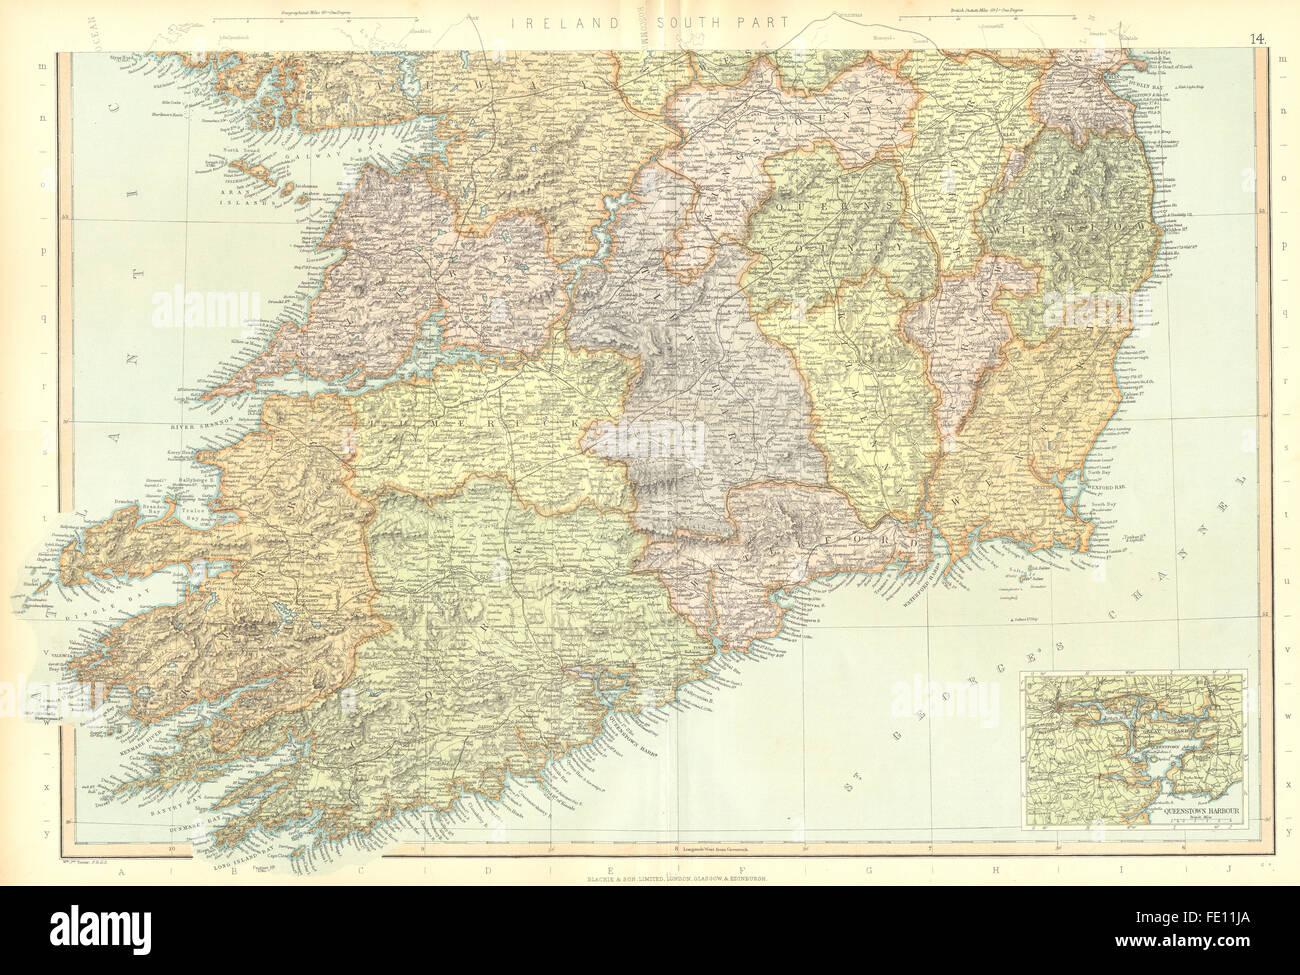 Queenstown Cobh Stock Photos & Queenstown Cobh Stock Images - Alamy